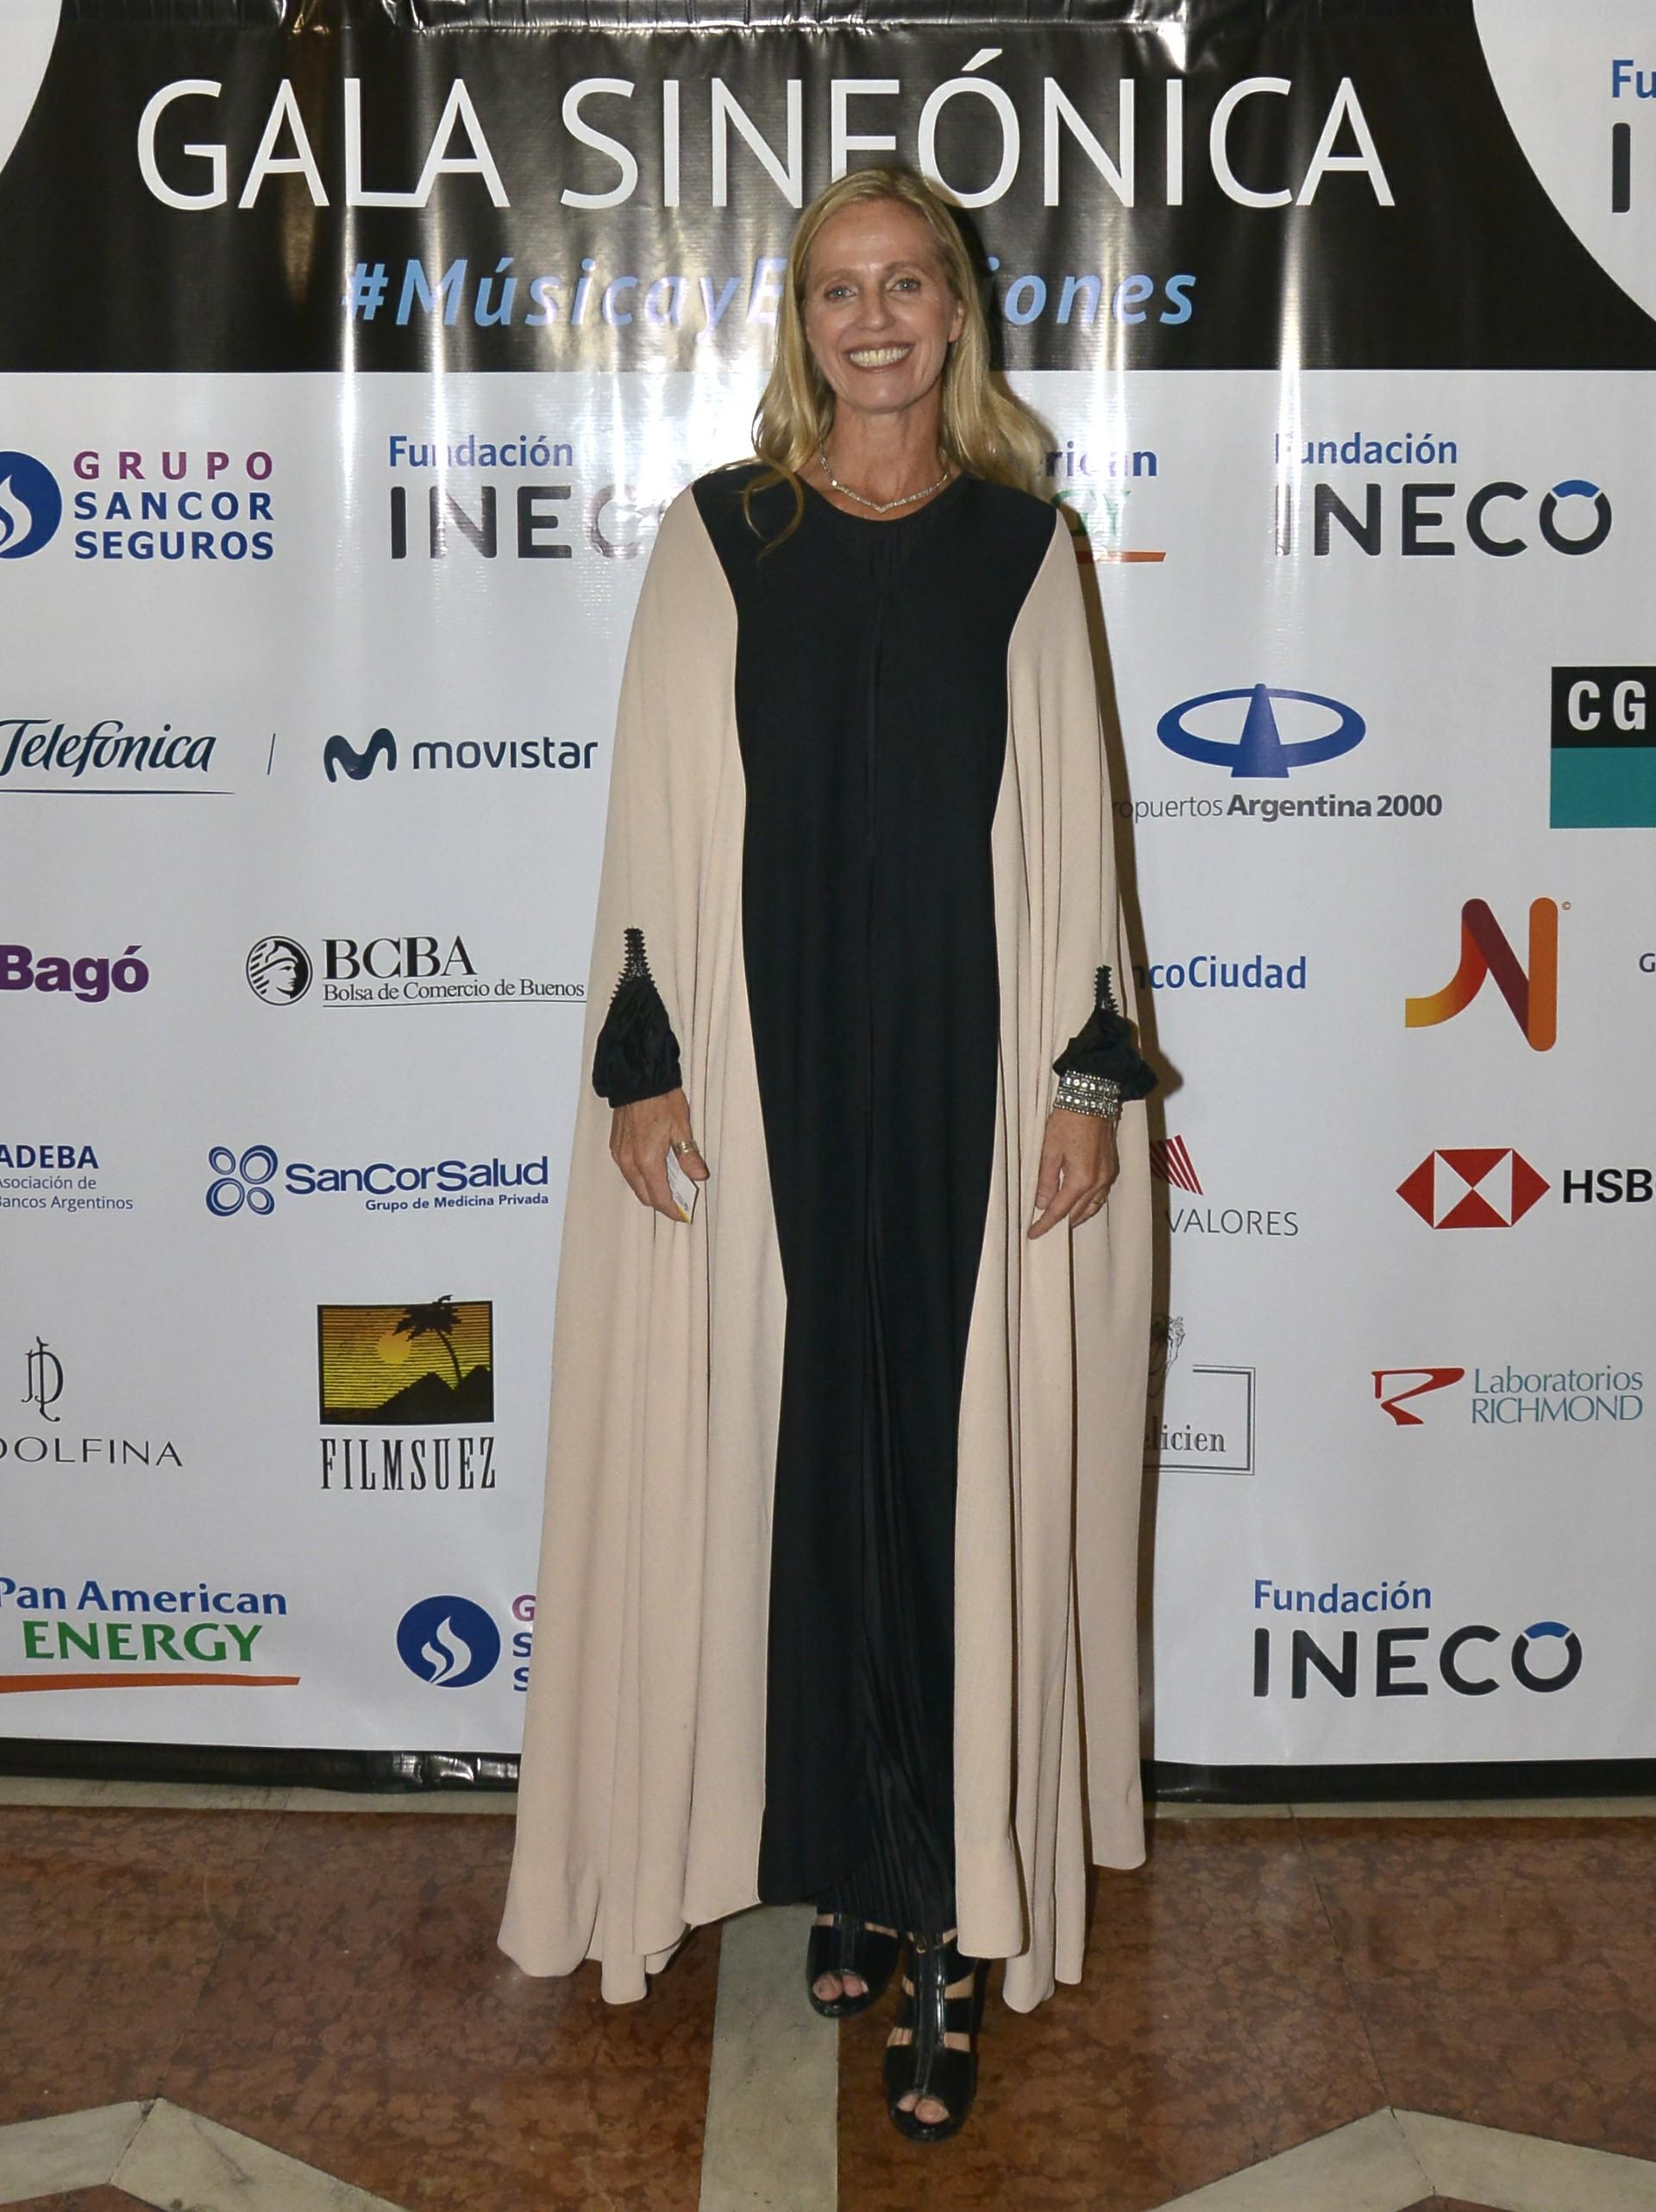 Teresa Torralva, presidente de la Fundación INECO